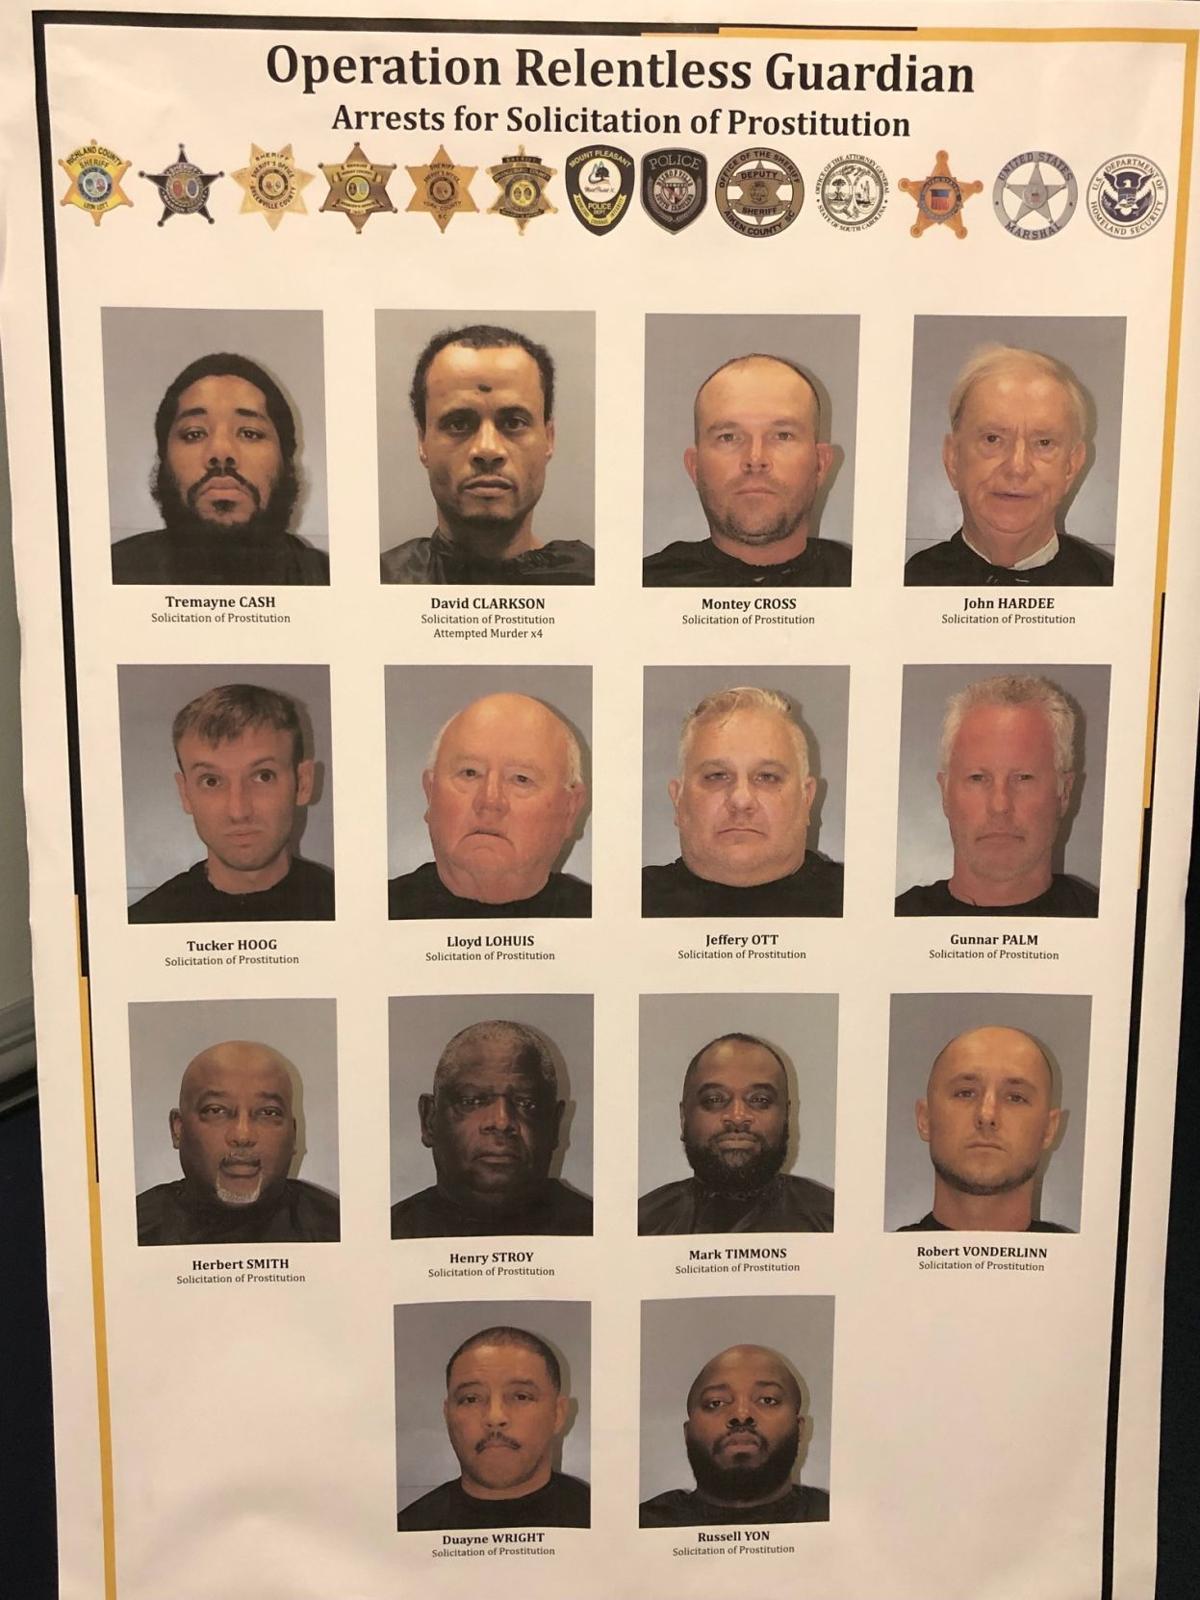 arrests for solicitation of prostitution